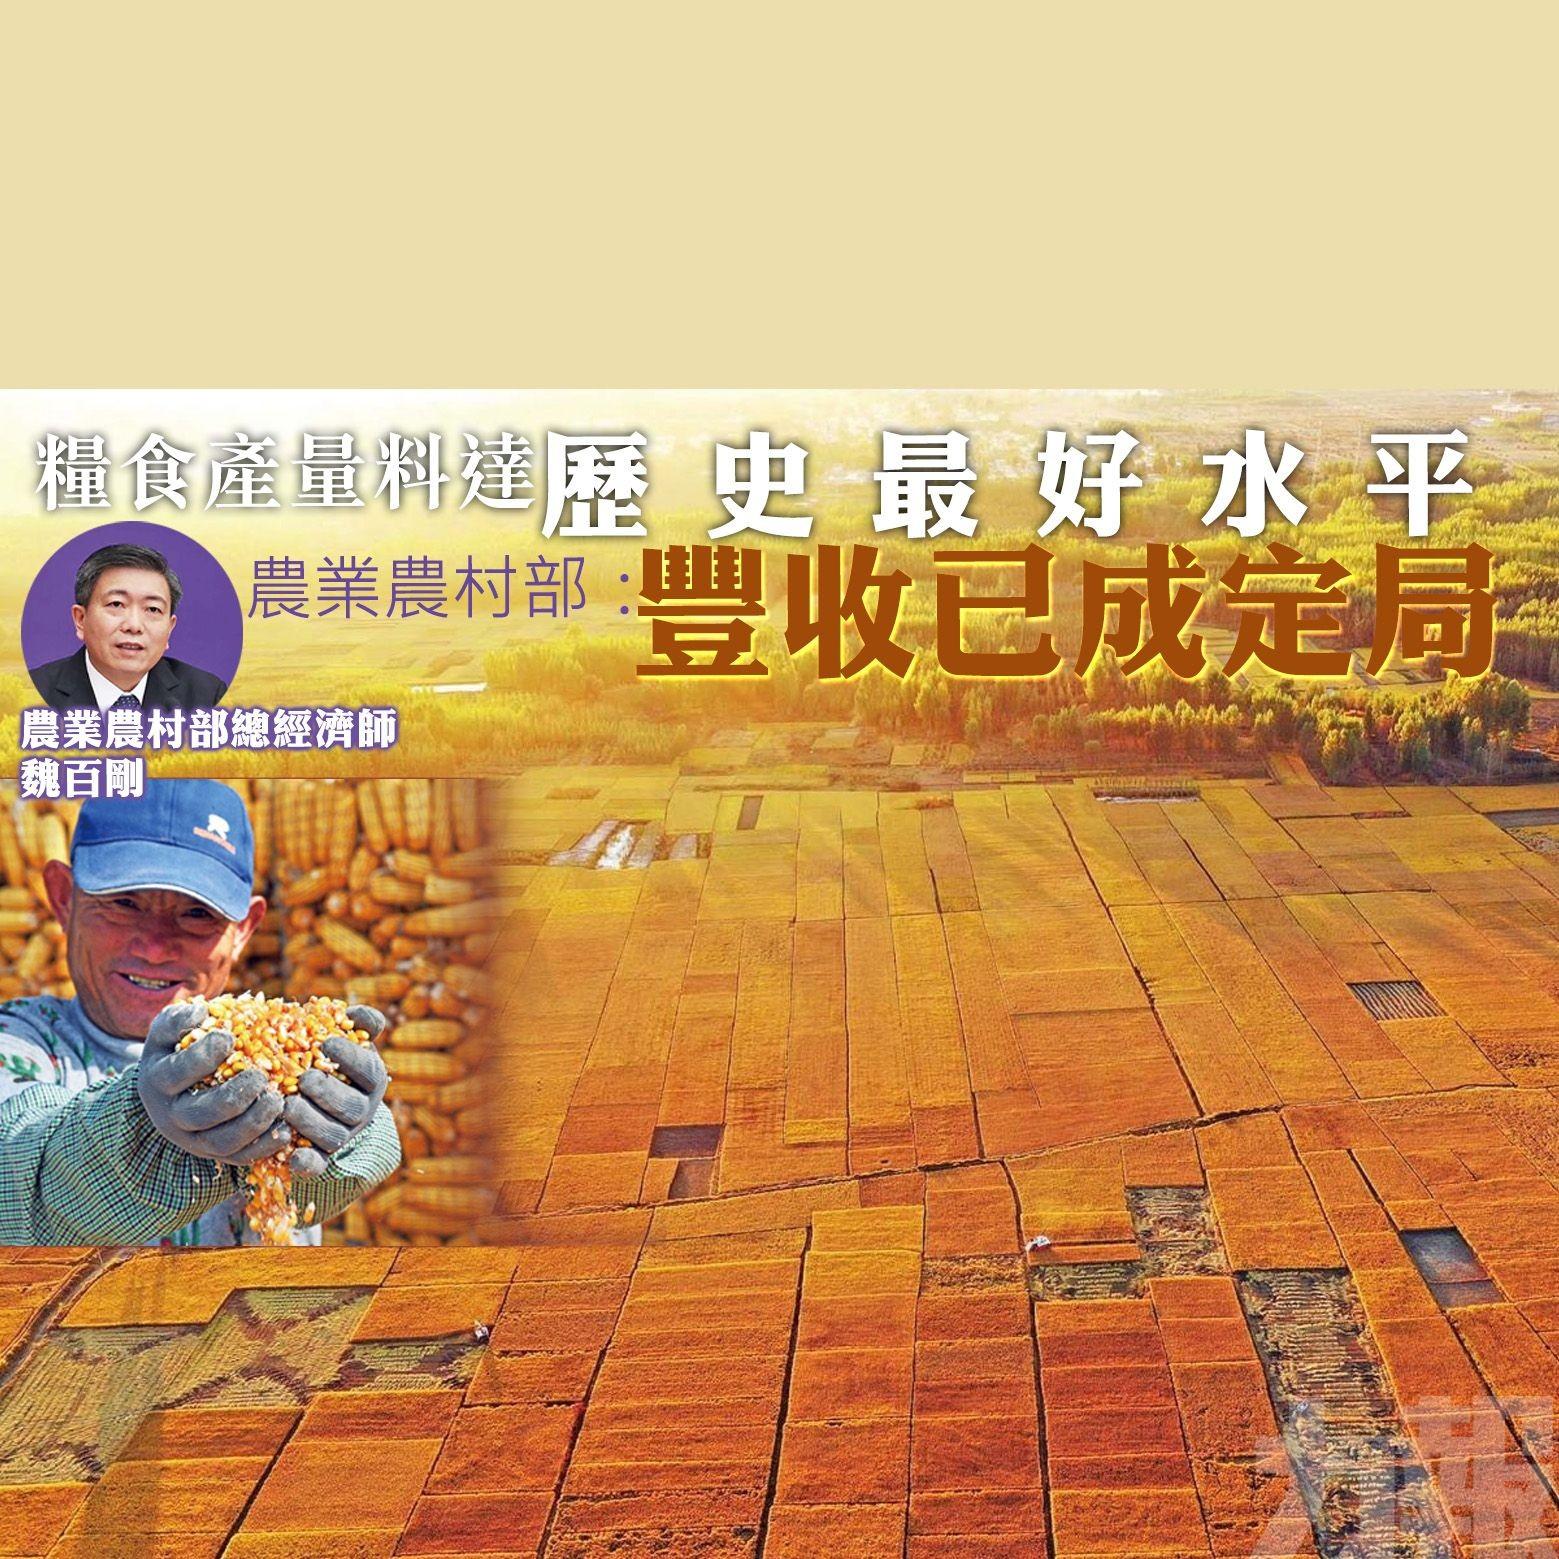 農業農村部:豐收已成定局